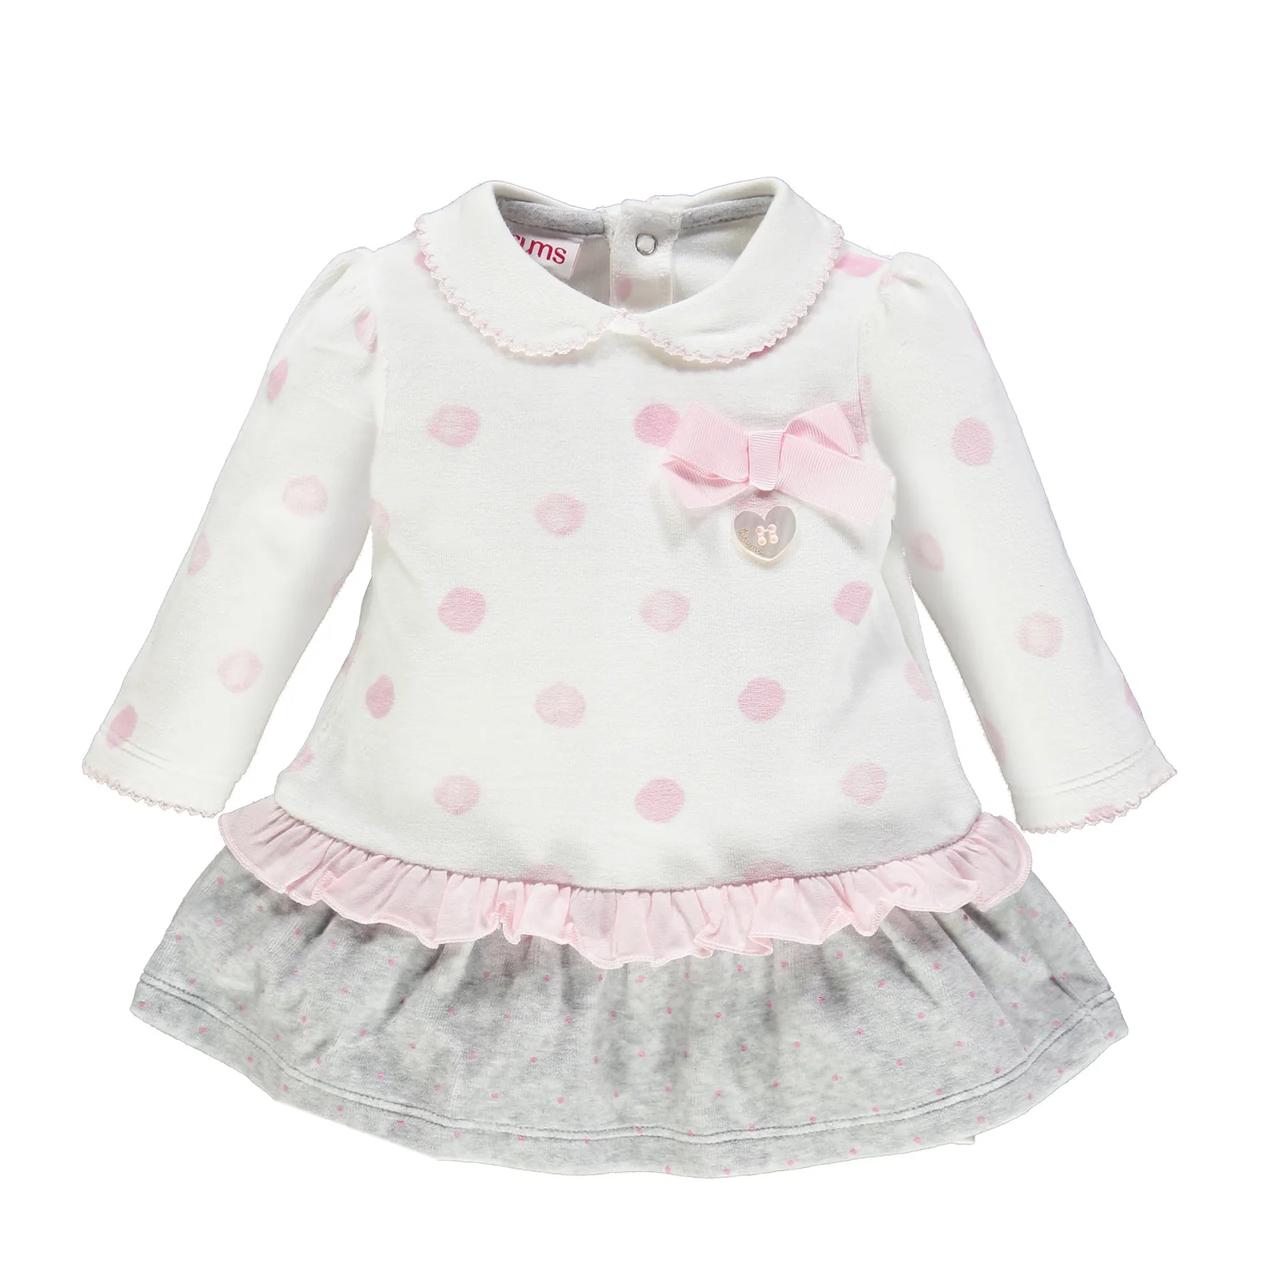 Платье для девочки BRUMS   193BCIM002-804  белое 74